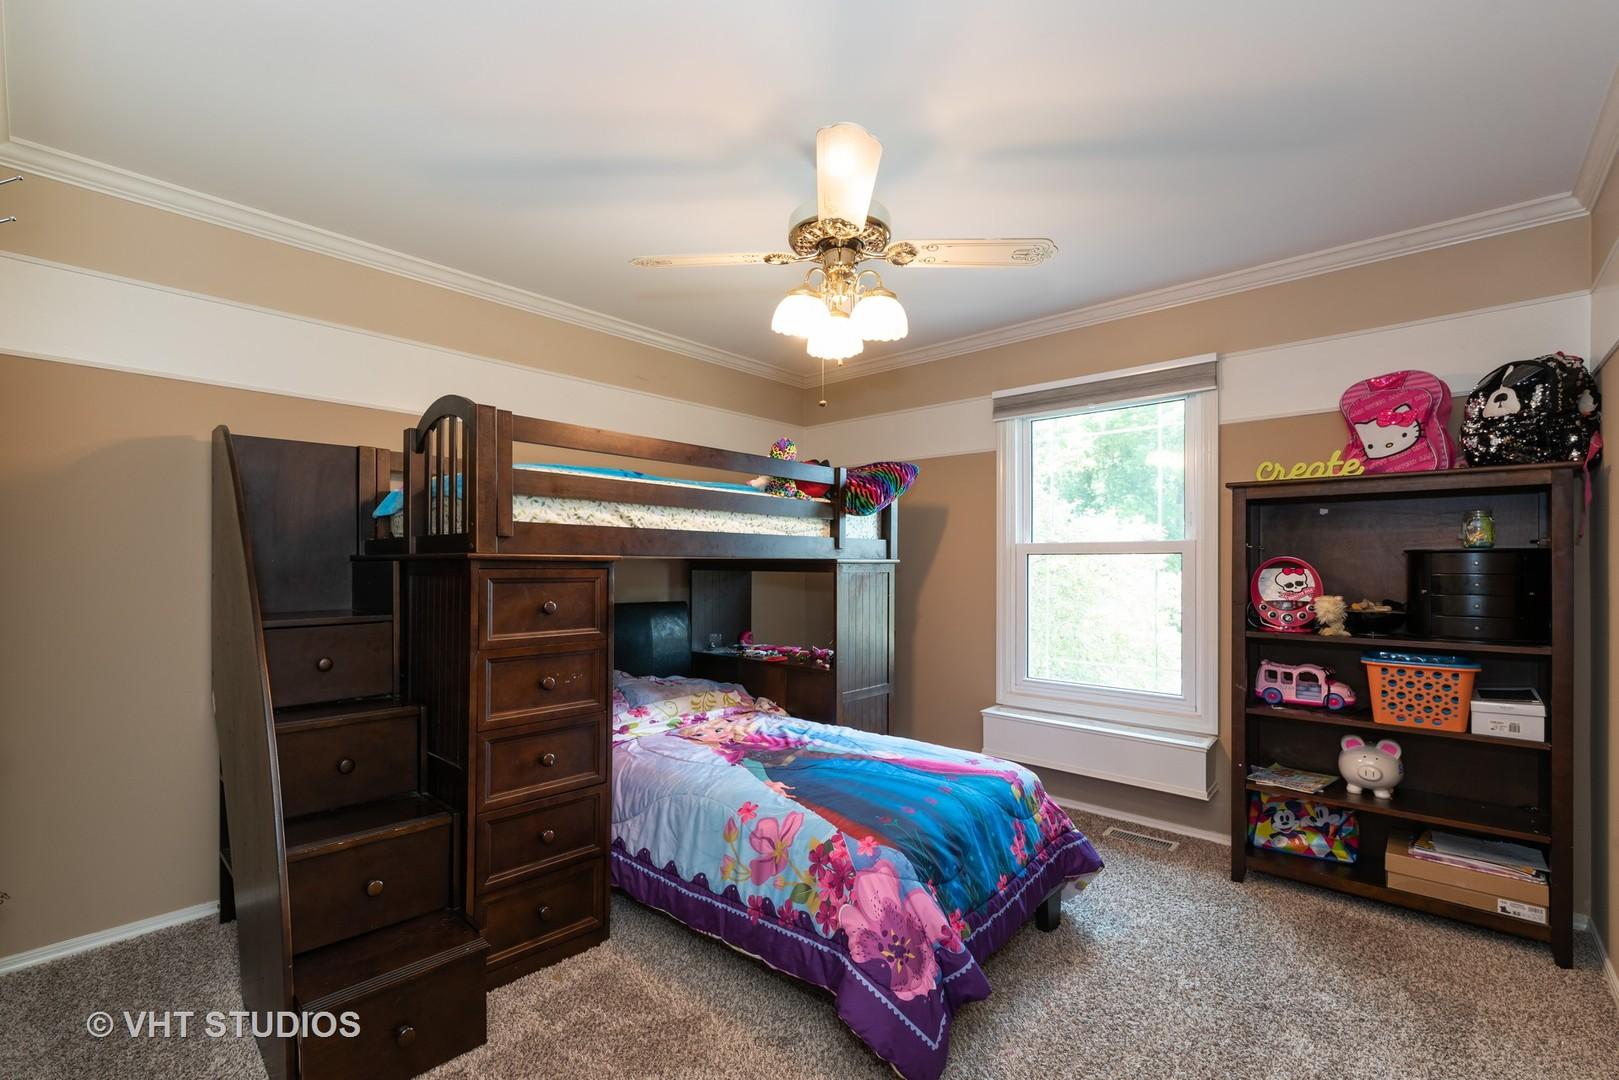 902 Millington, ST. CHARLES, Illinois, 60174